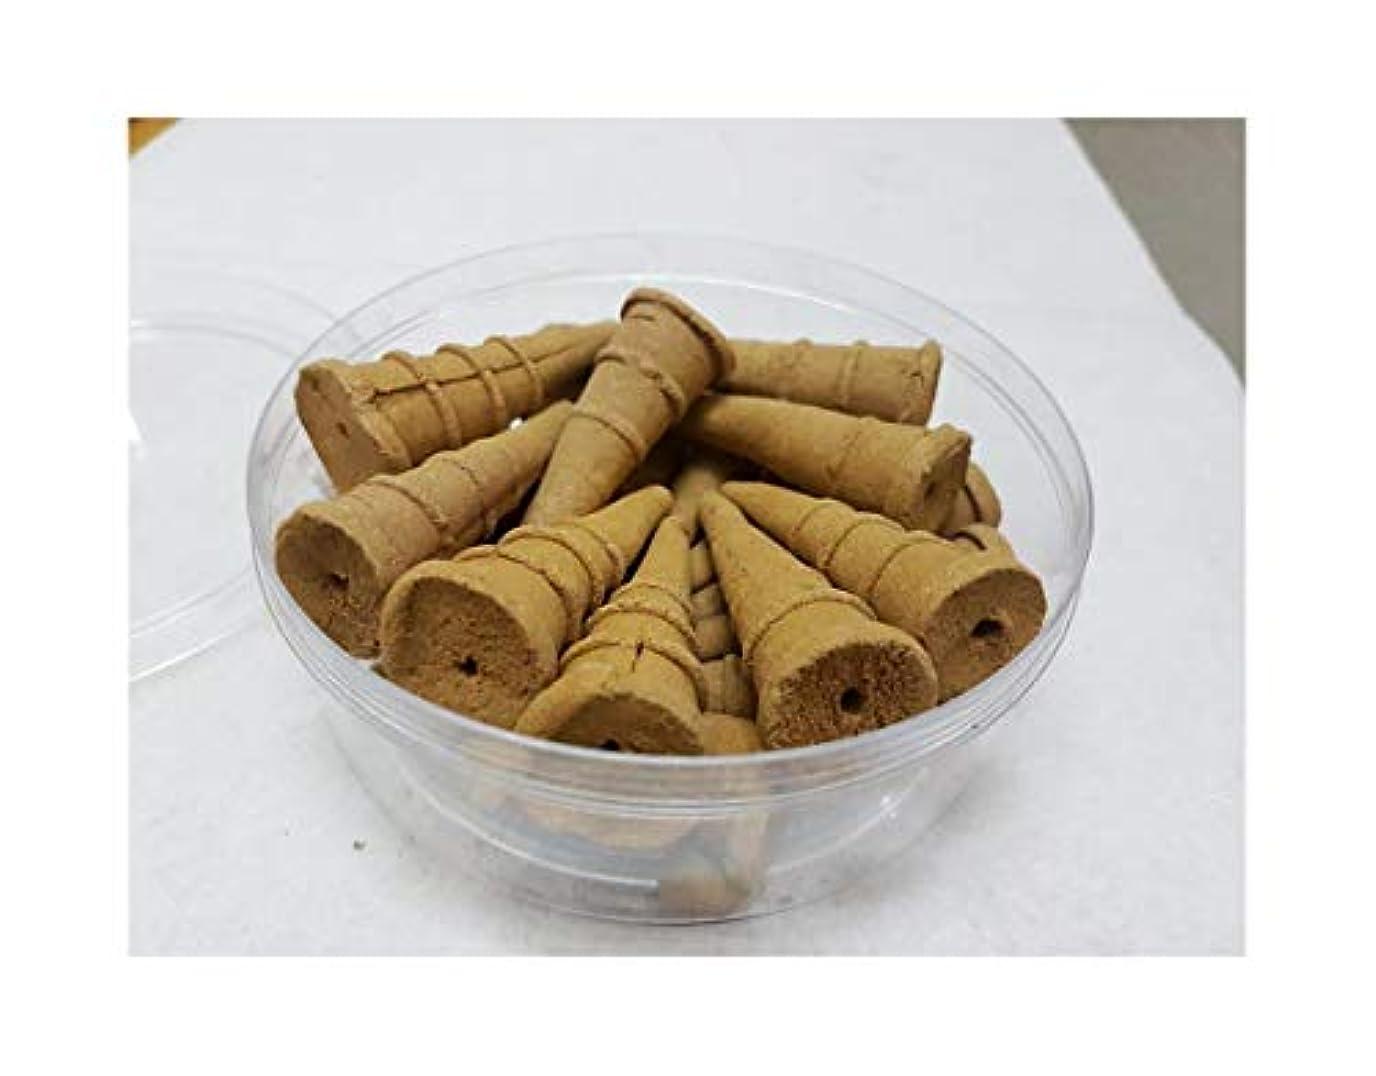 やがてブーストだます5ボックスViet Nam伽羅Aloeswood Incense Cones – 100グラム/ボックス – 20個/ボックス